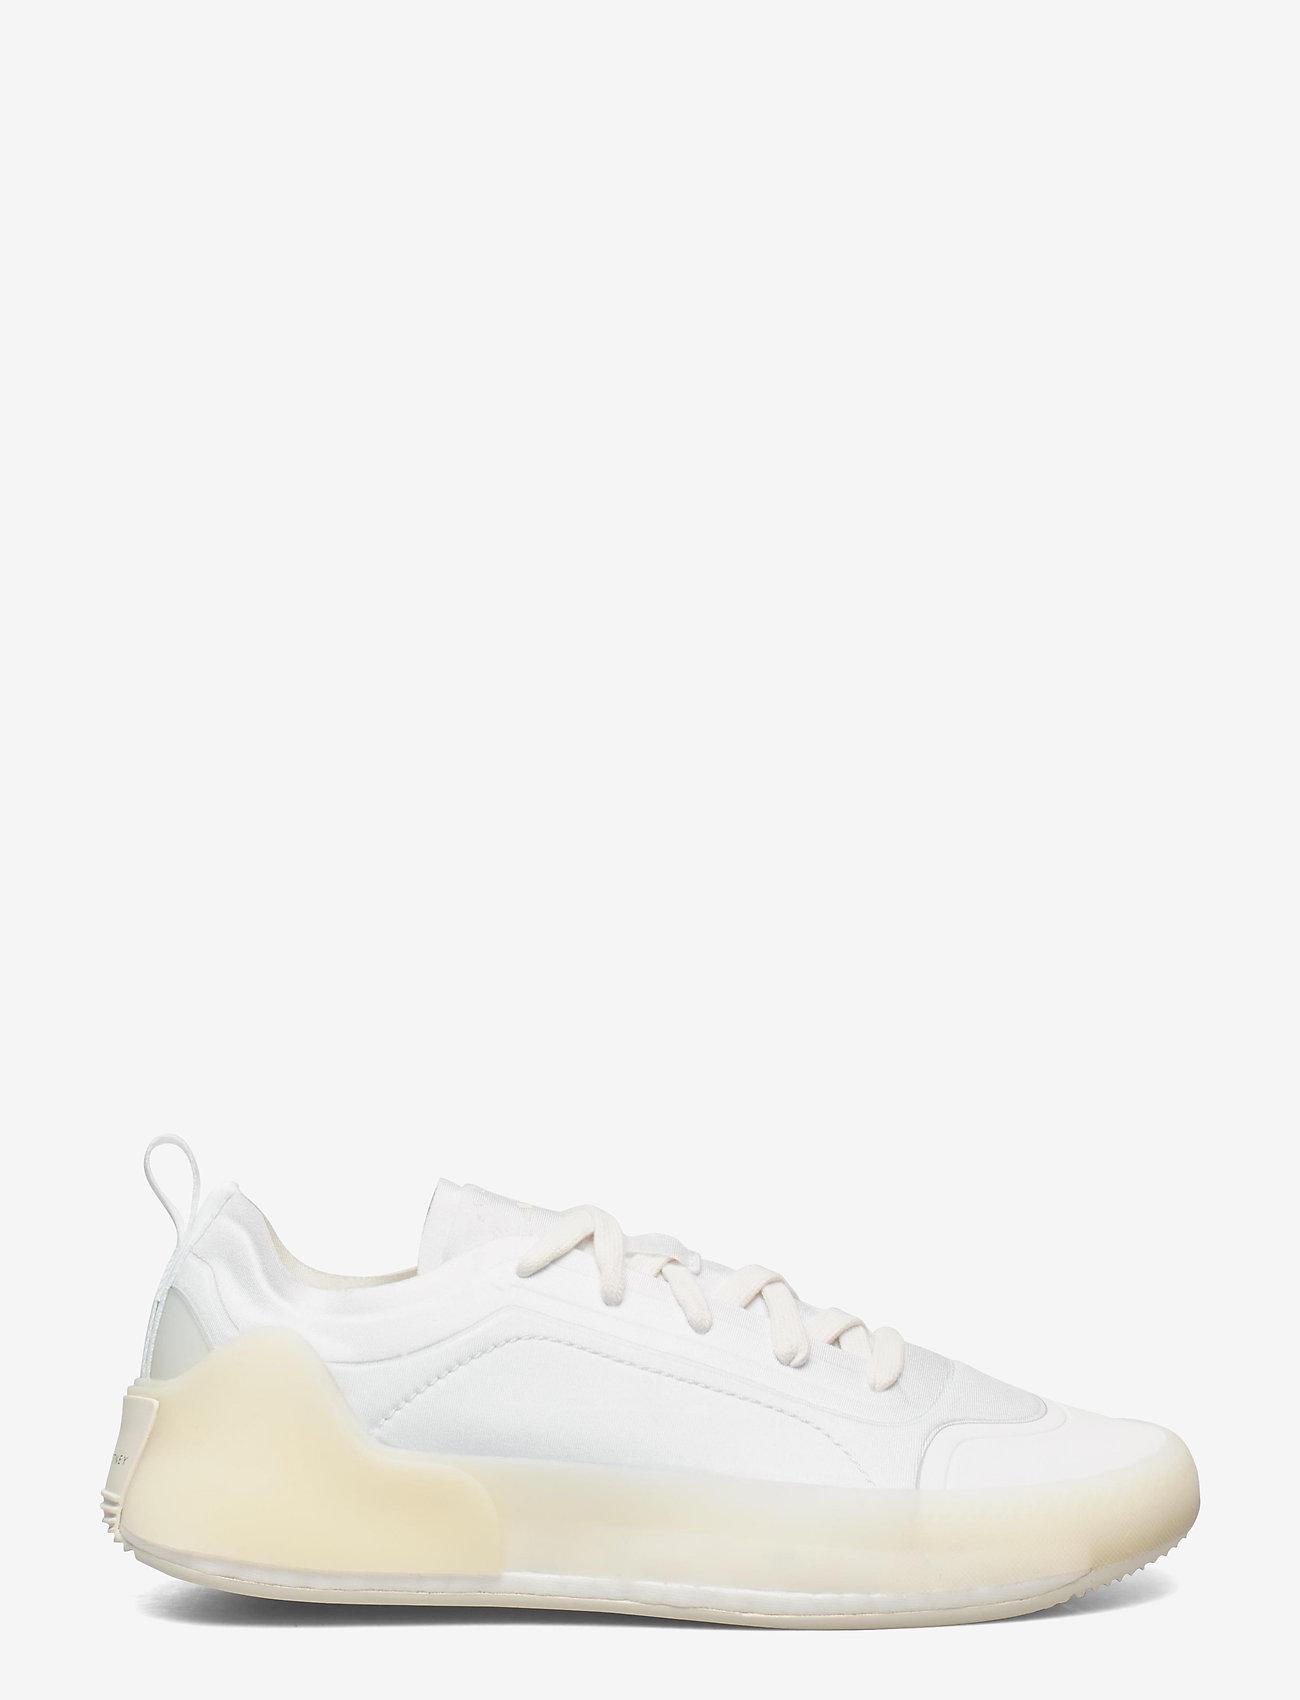 adidas by Stella McCartney - aSMC Treino - training shoes - ftwwht/ftwwht/ftwwht - 1